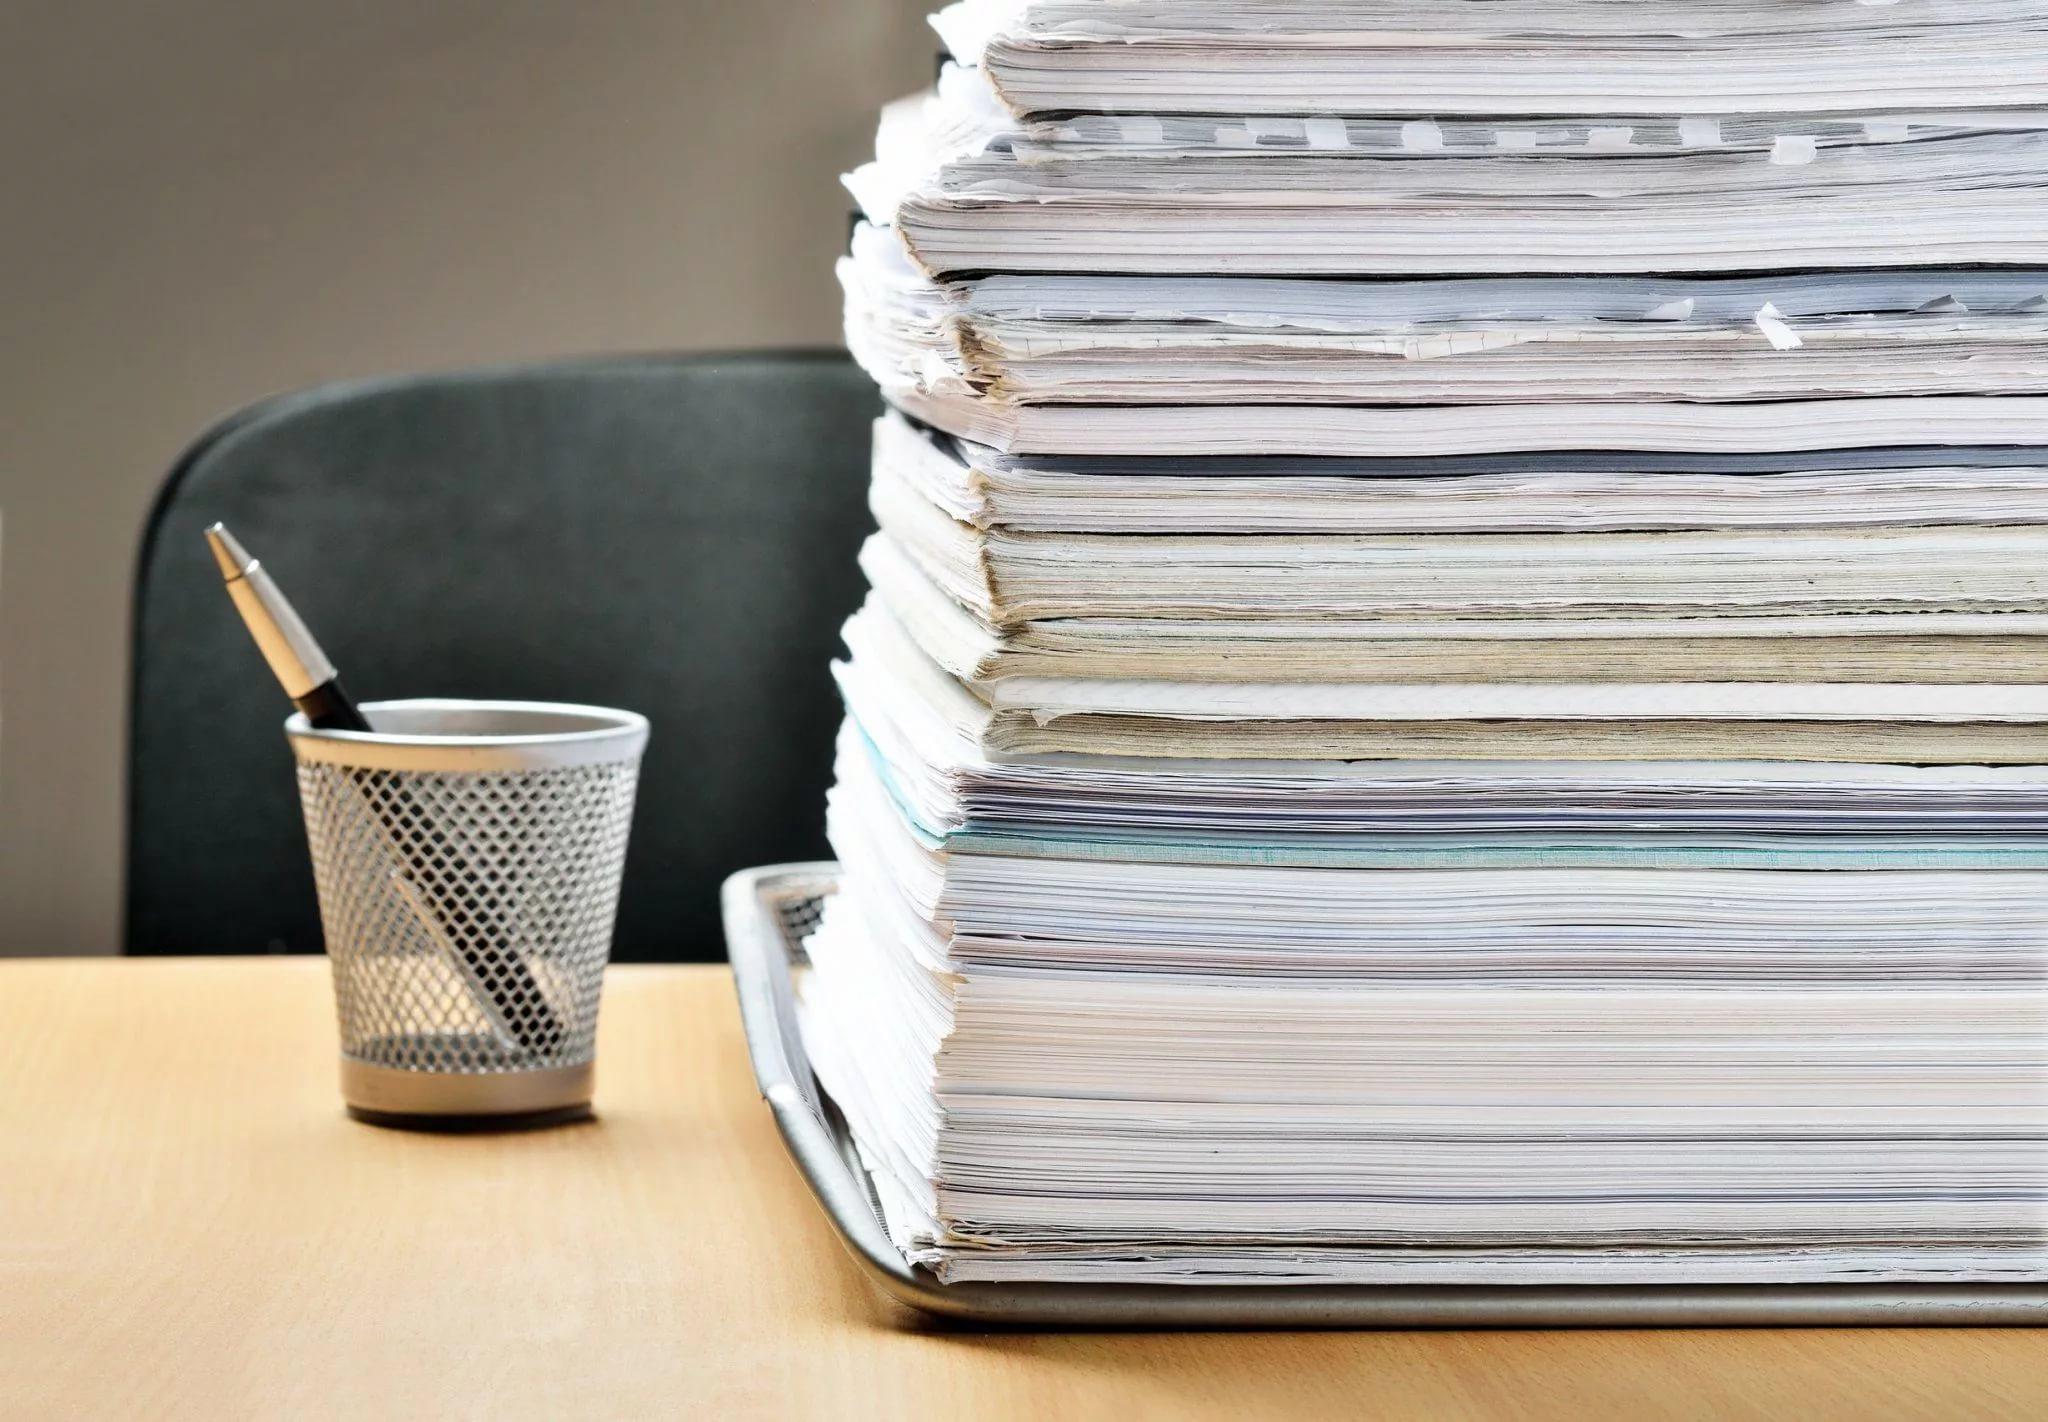 стол с бумагами картинки судьба это история